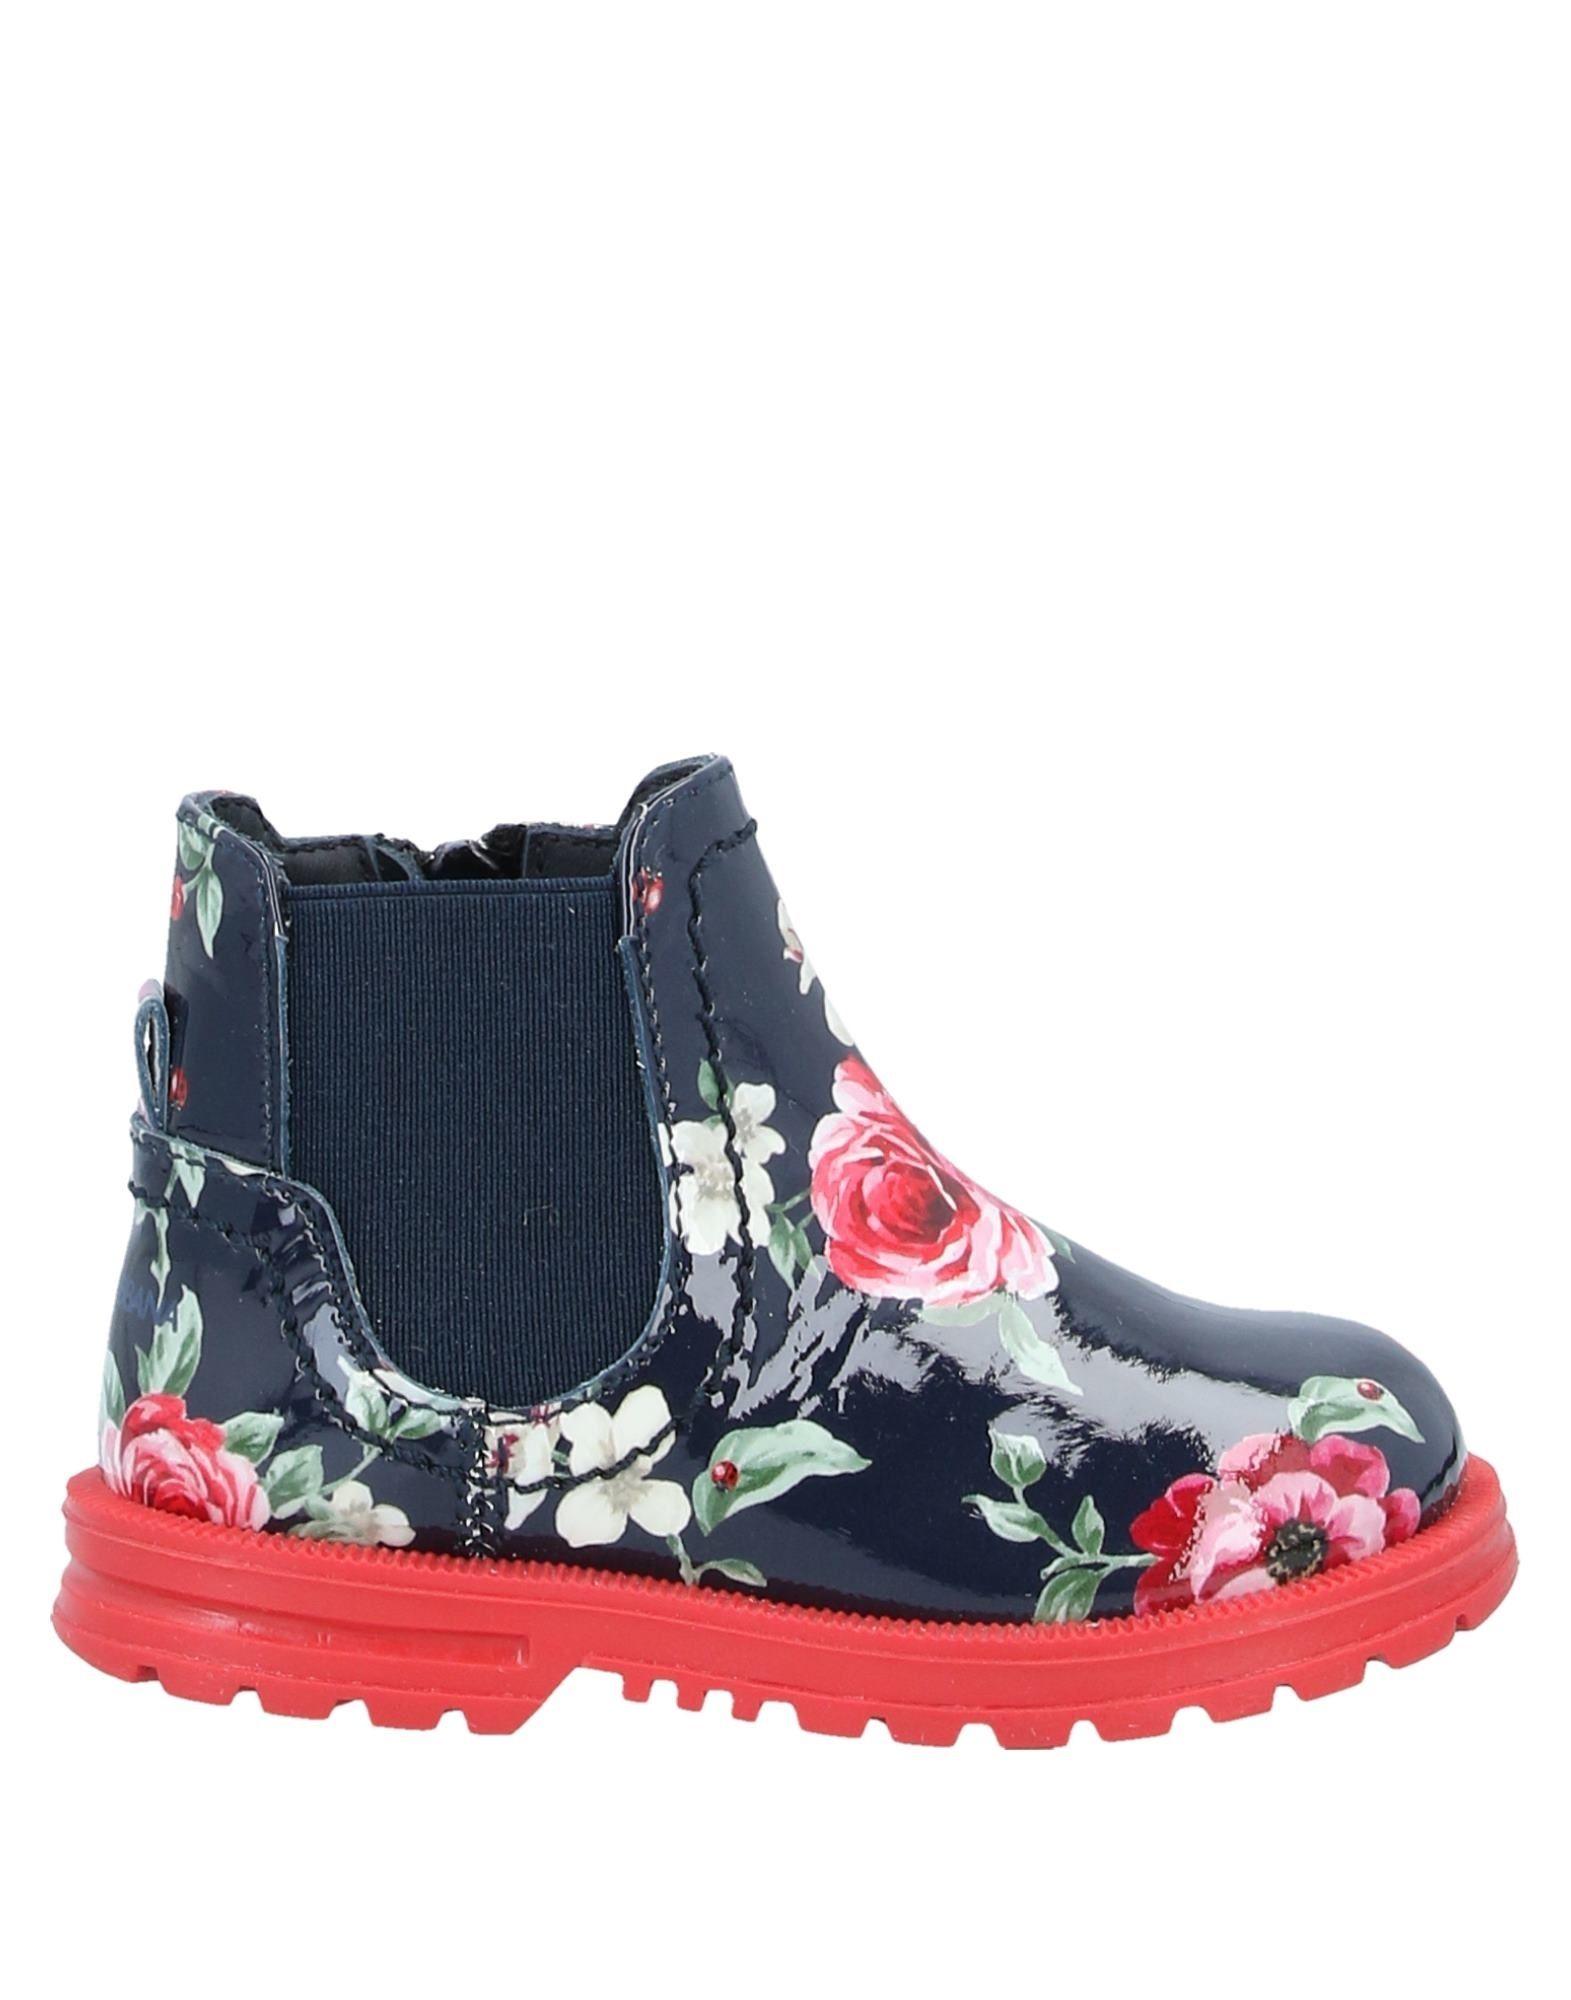 DOLCE & GABBANA   DOLCE & GABBANA Ankle Boots 11718823   Goxip